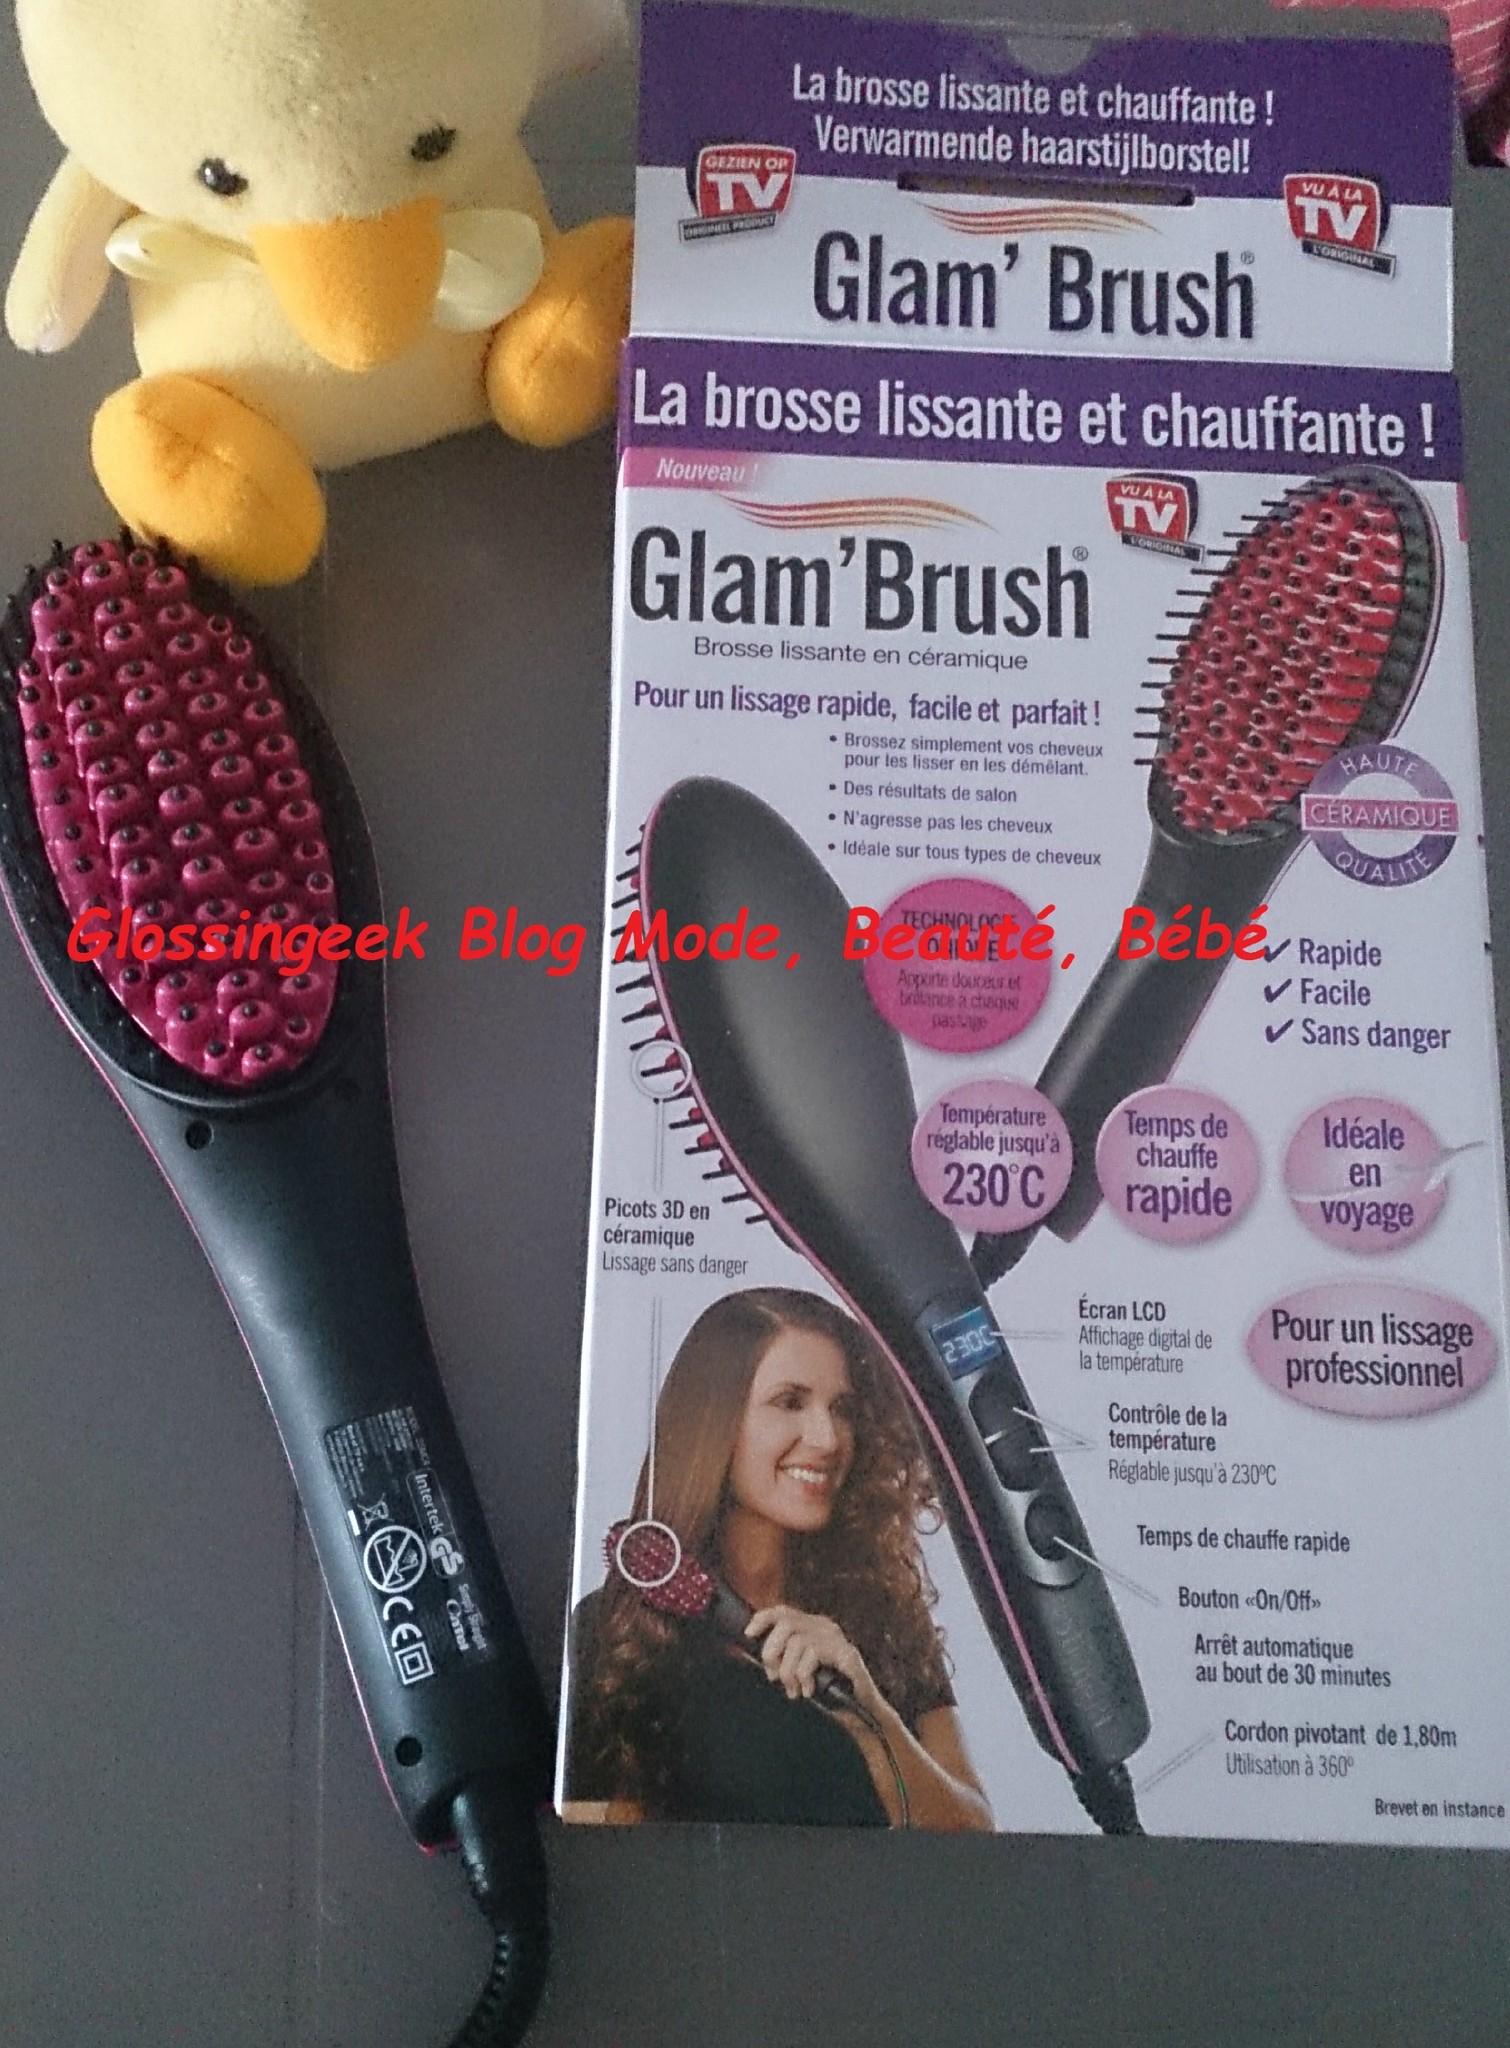 brosse chauffante glam brush